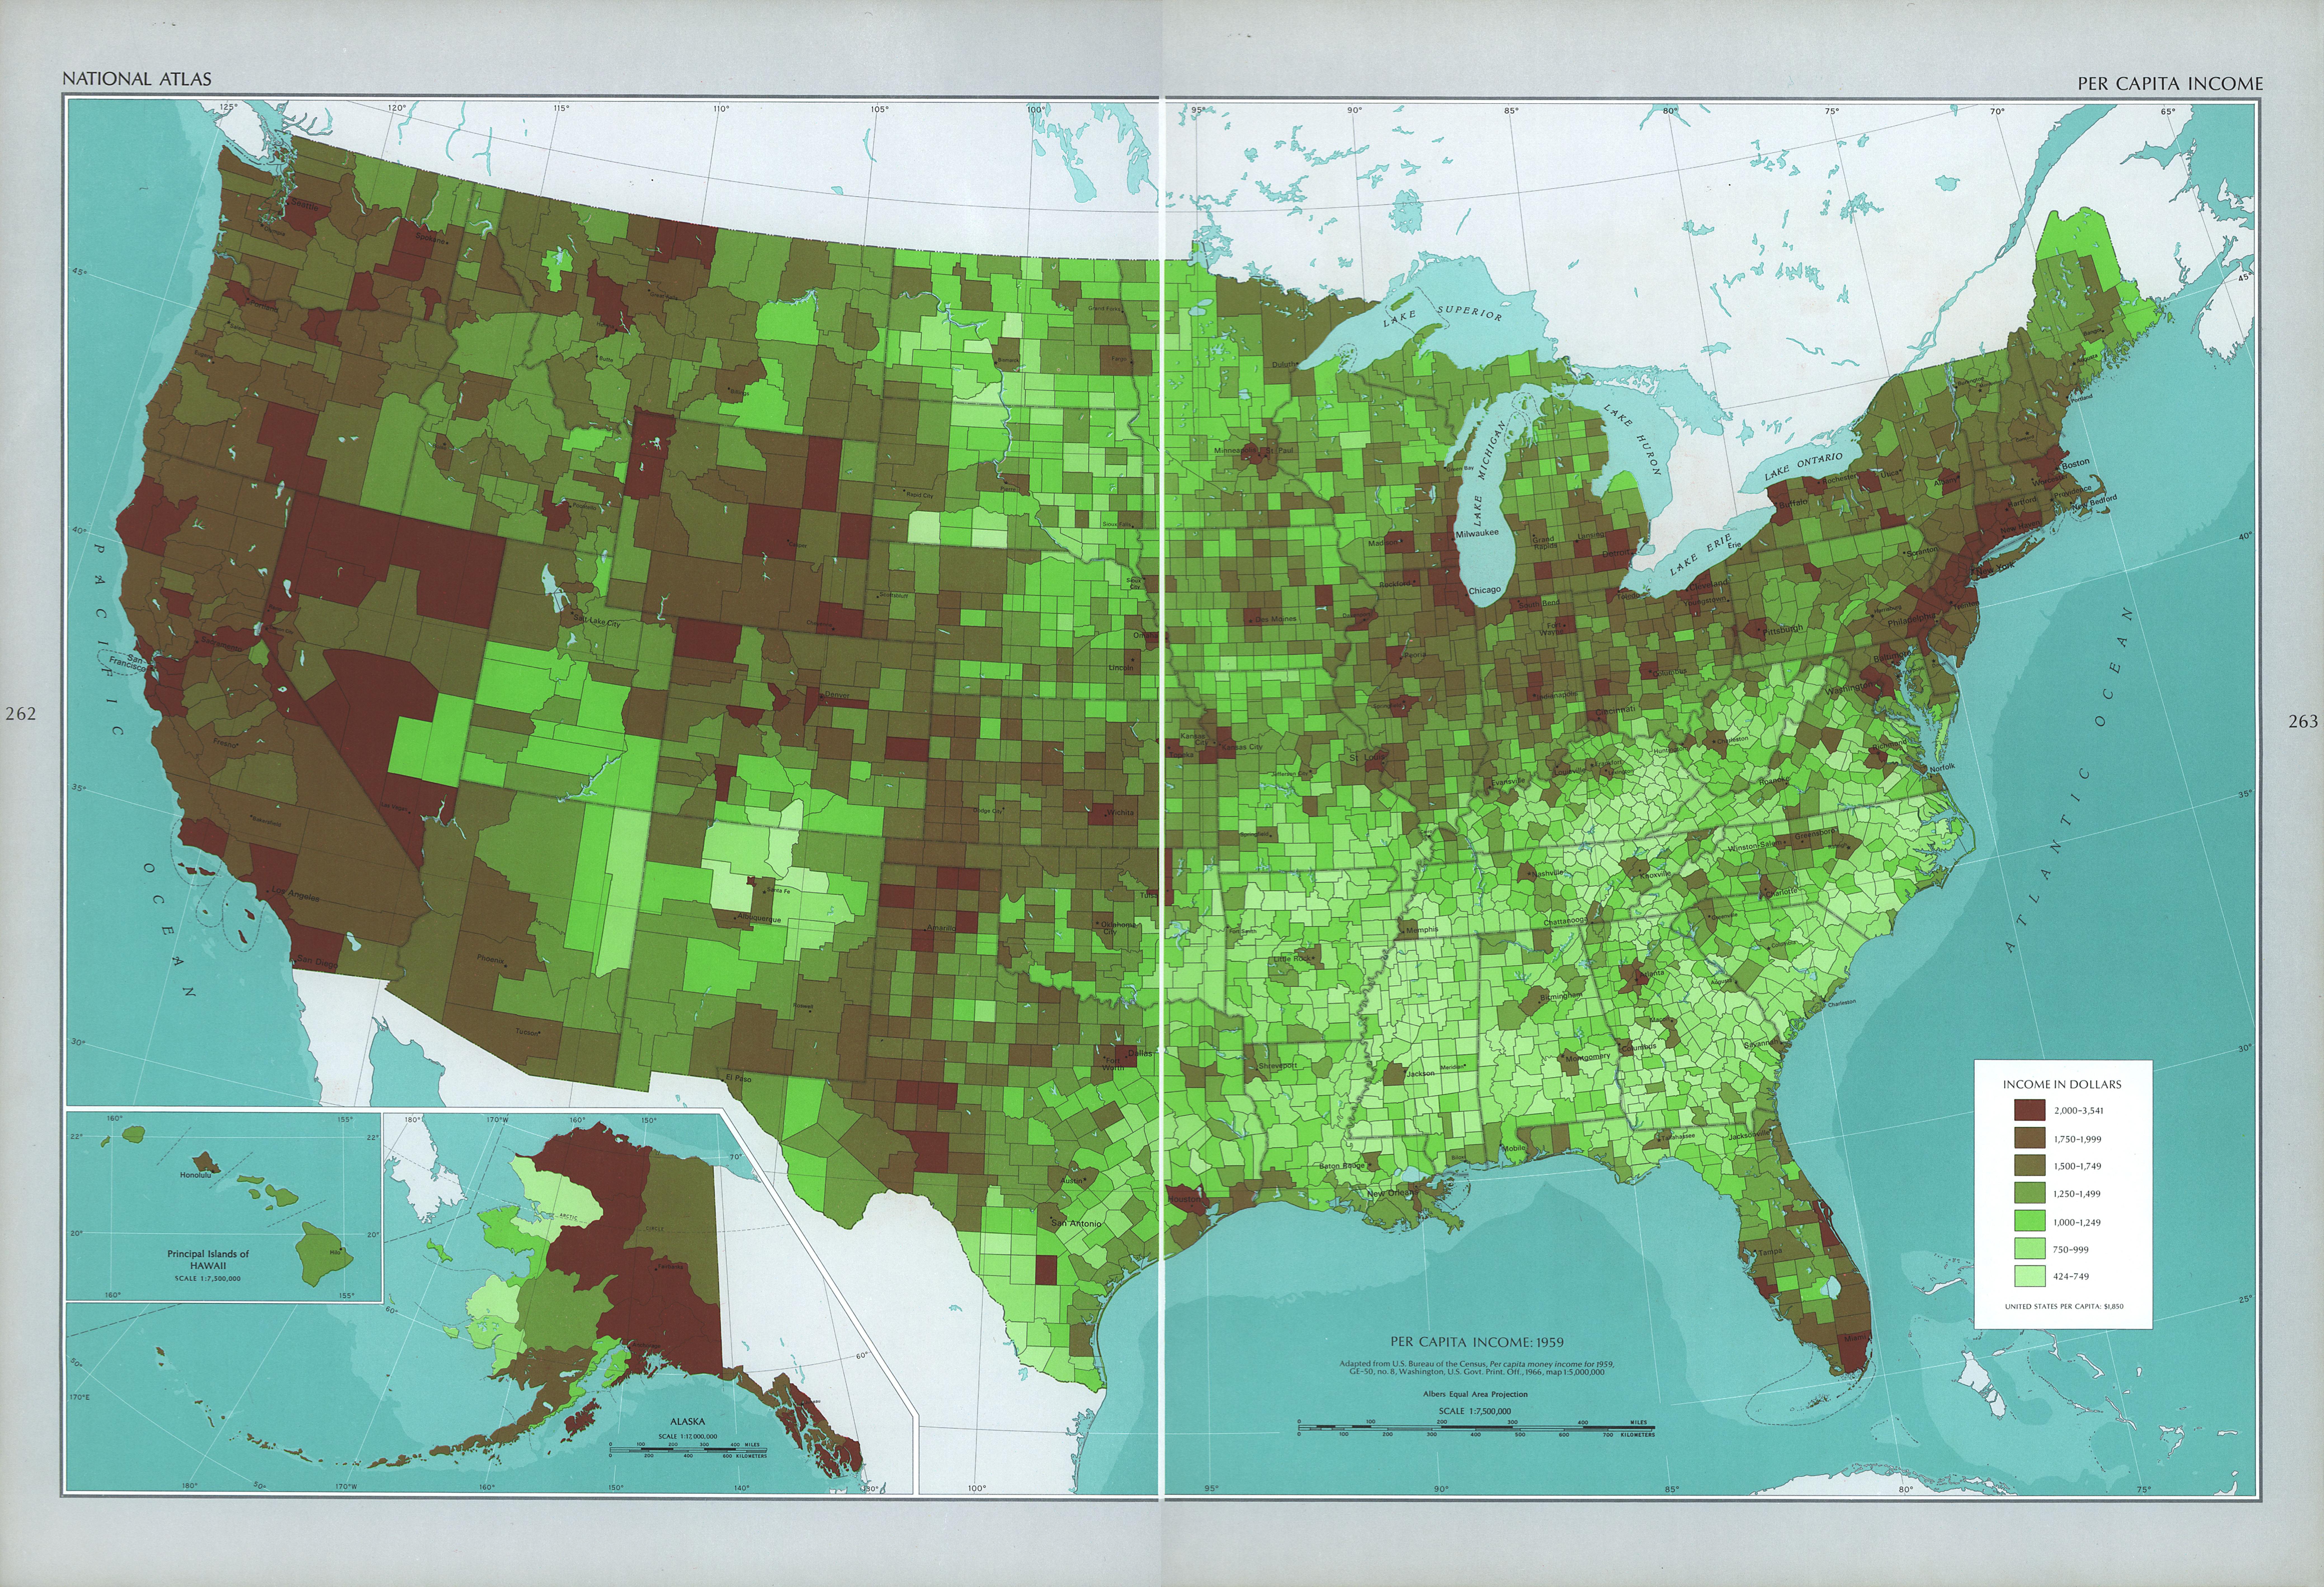 Mapa del Ingreso per Cápita de Estados Unidos